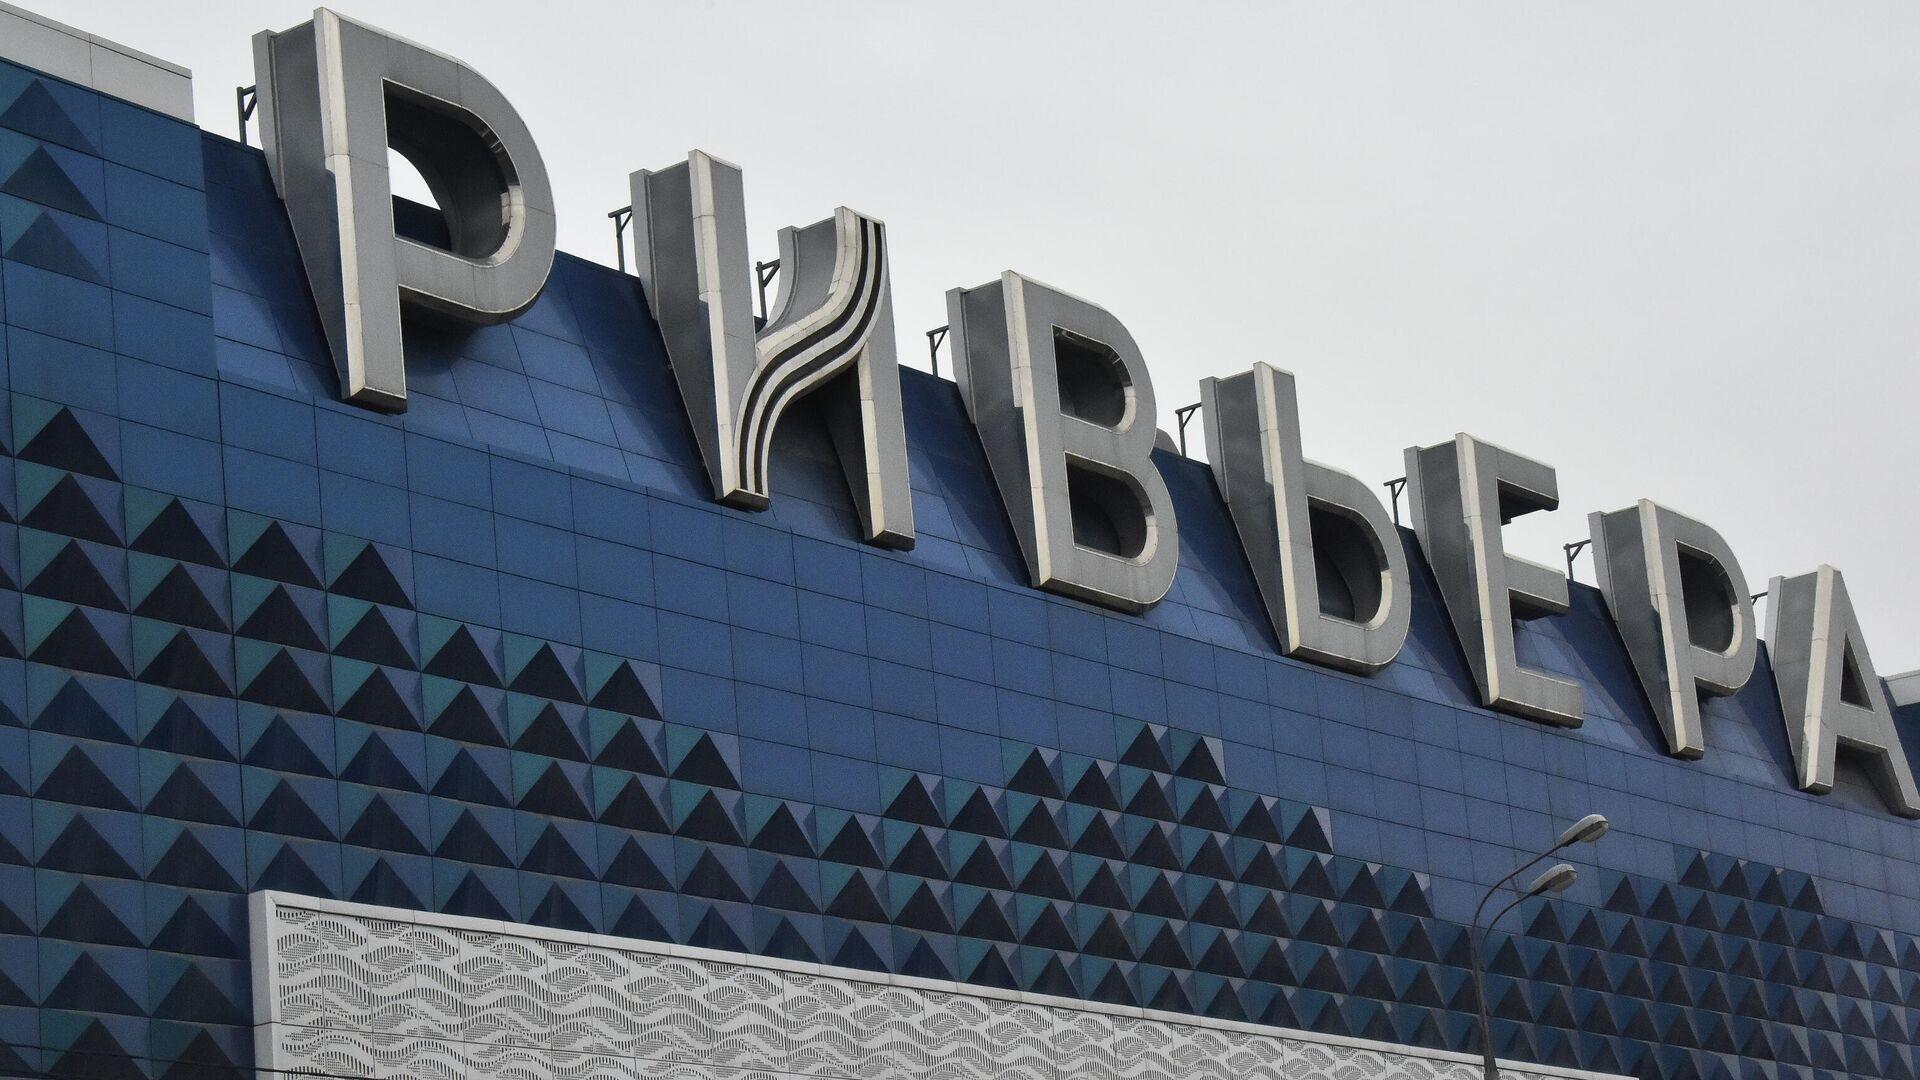 Вывеска торгового центра Ривьера - РИА Новости, 1920, 06.11.2019